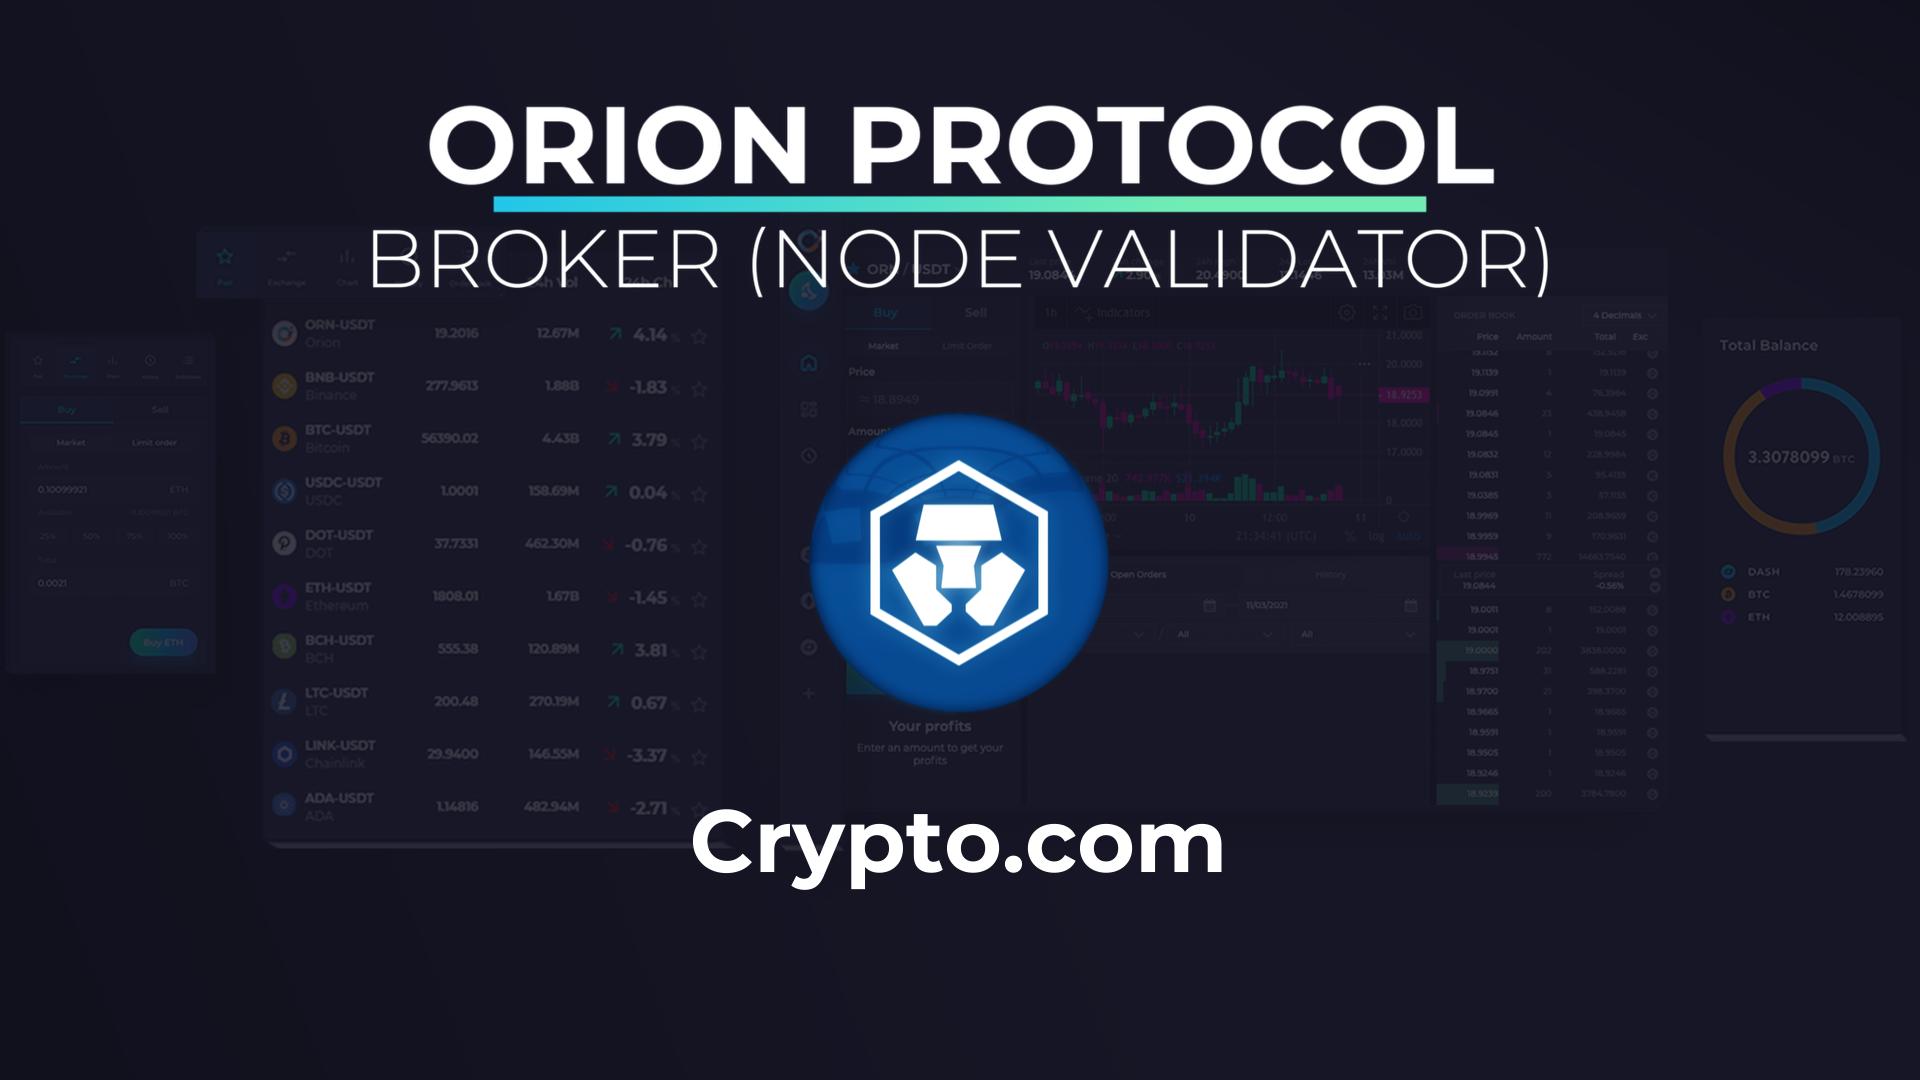 Crypto.com Broker (Node Validator)